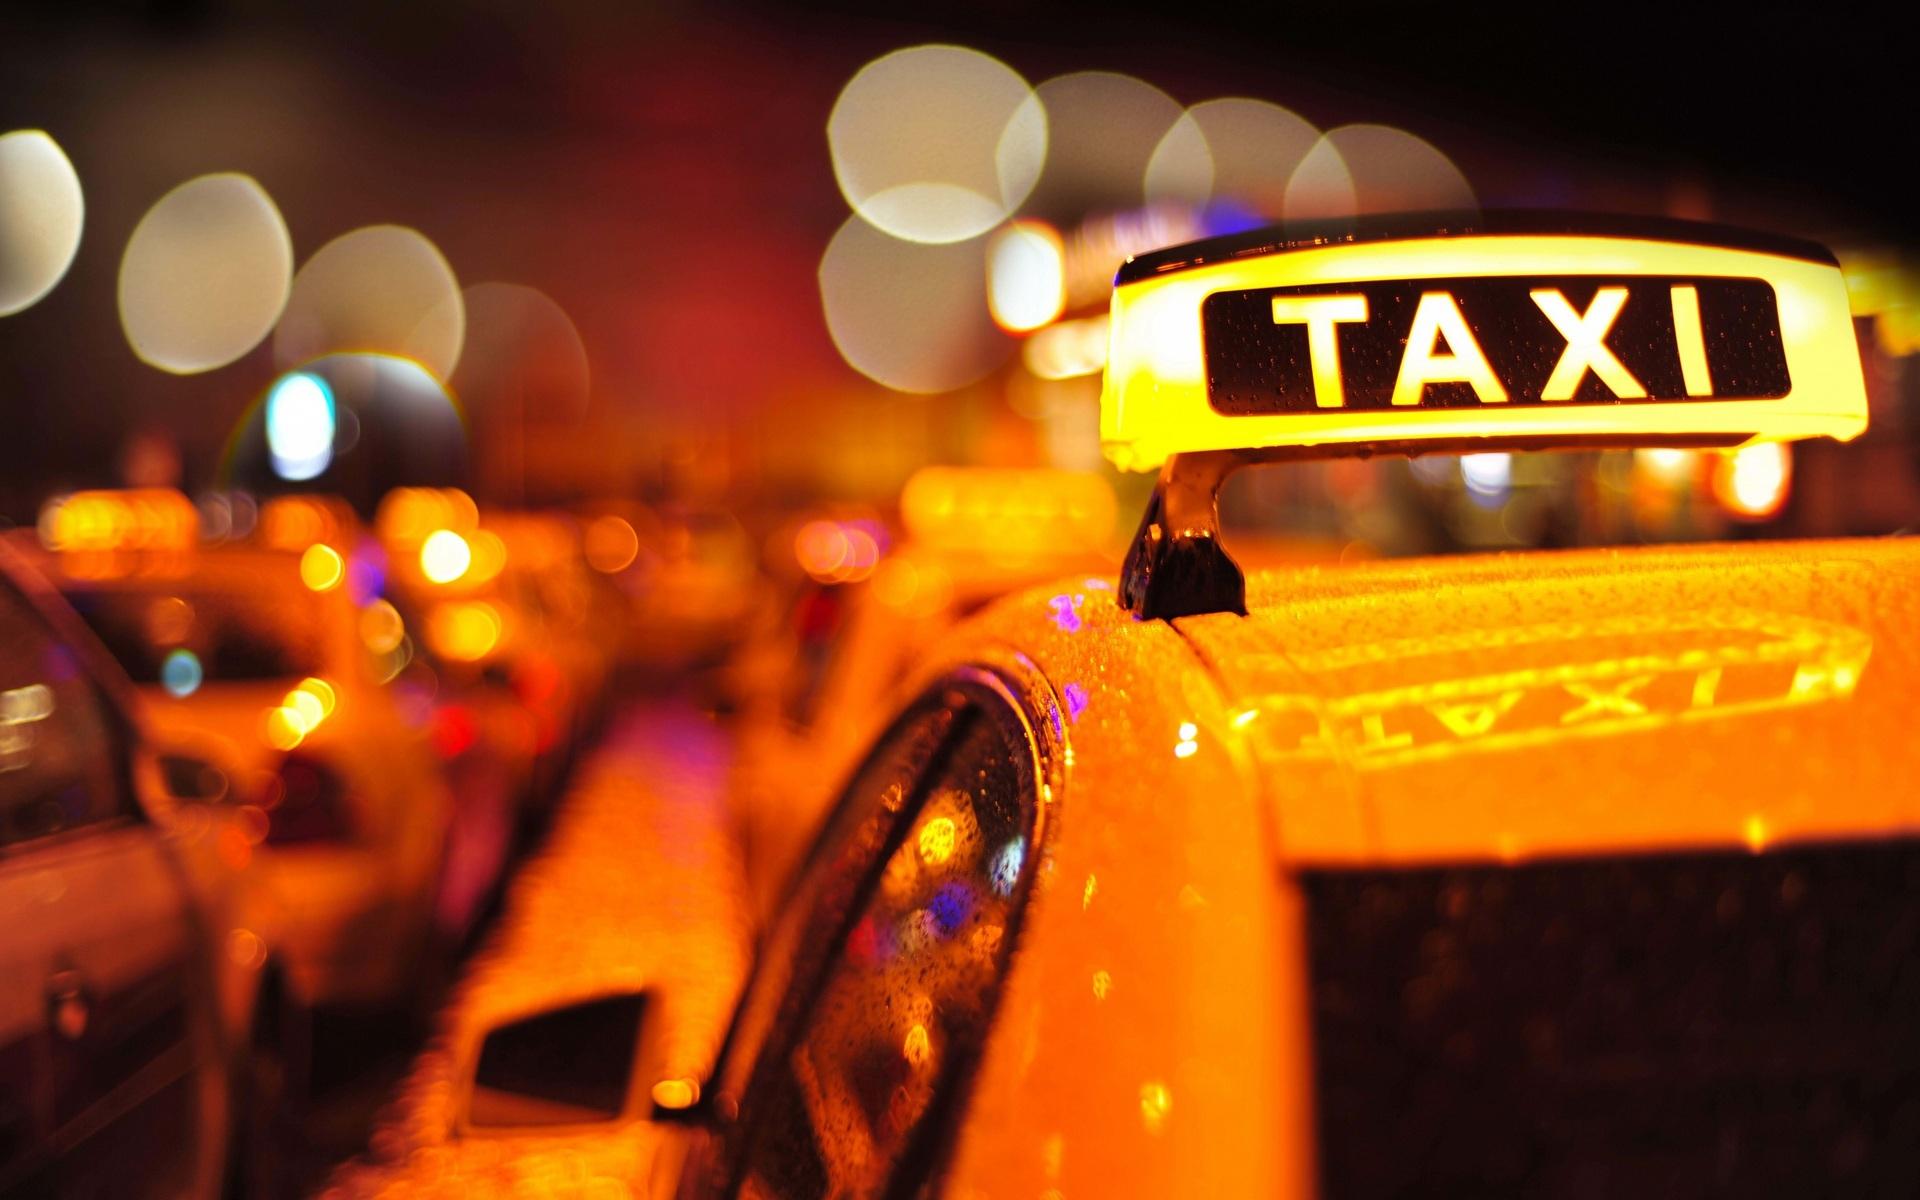 «До трусов и носков»: в Днепре таксисты раздели пассажира. Новости Днепра